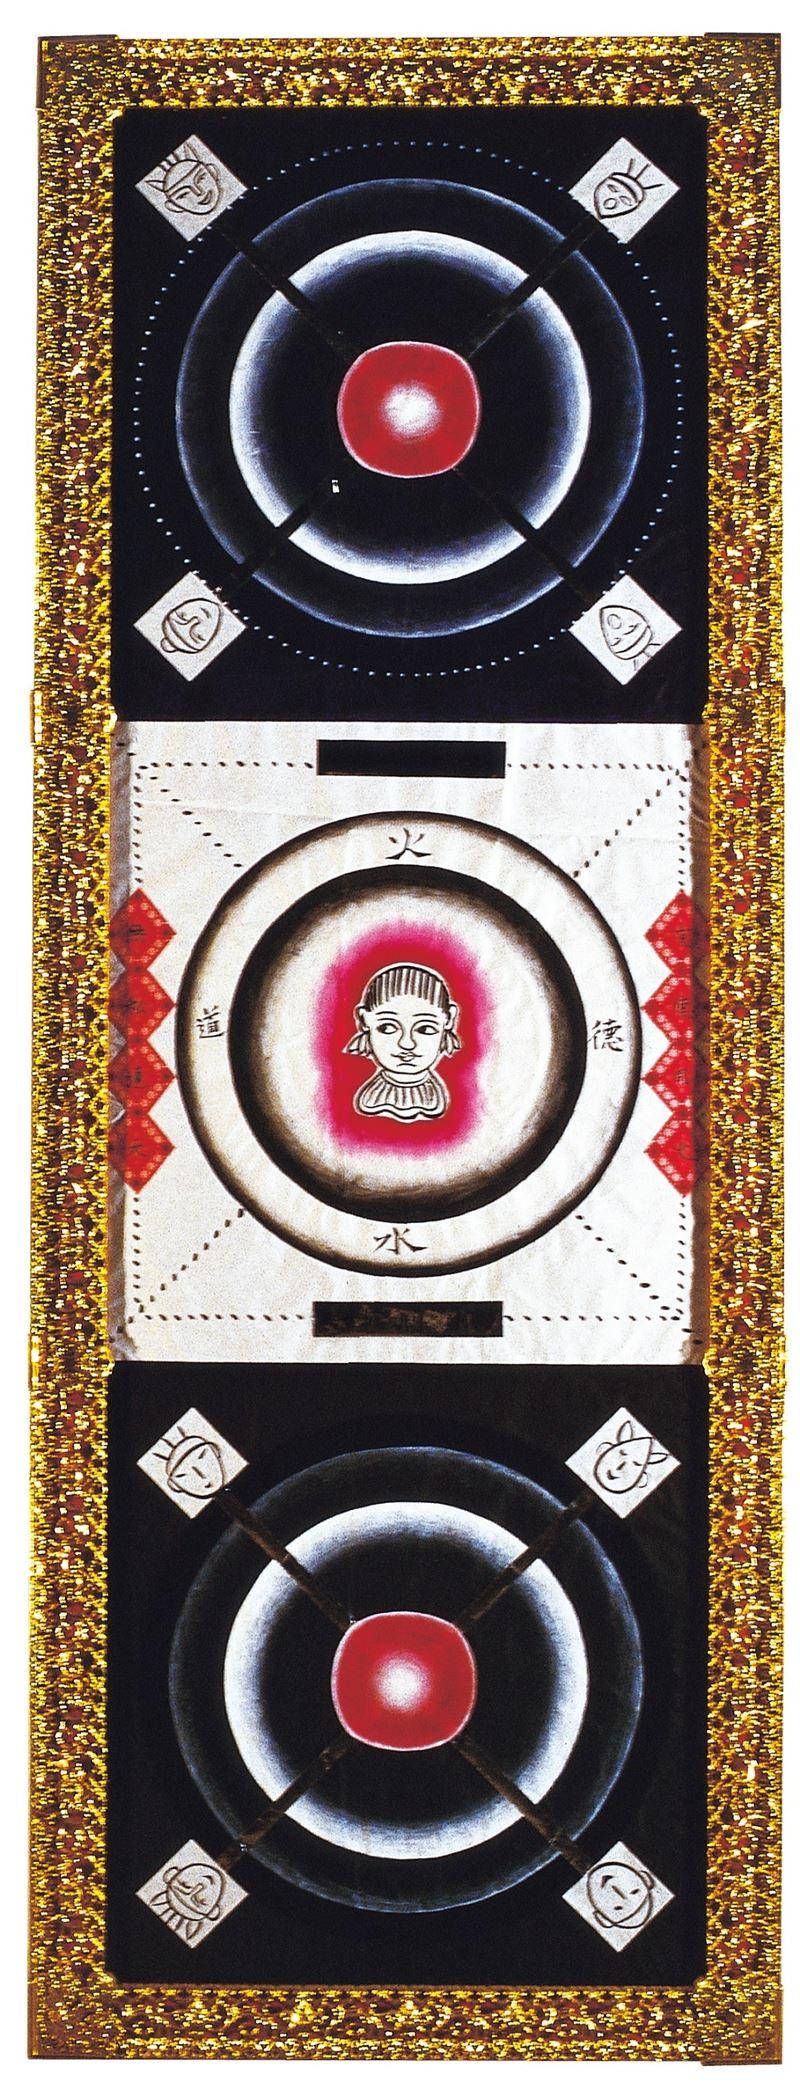 黃進河〈道德水火〉1994 複合媒材 184×61cm